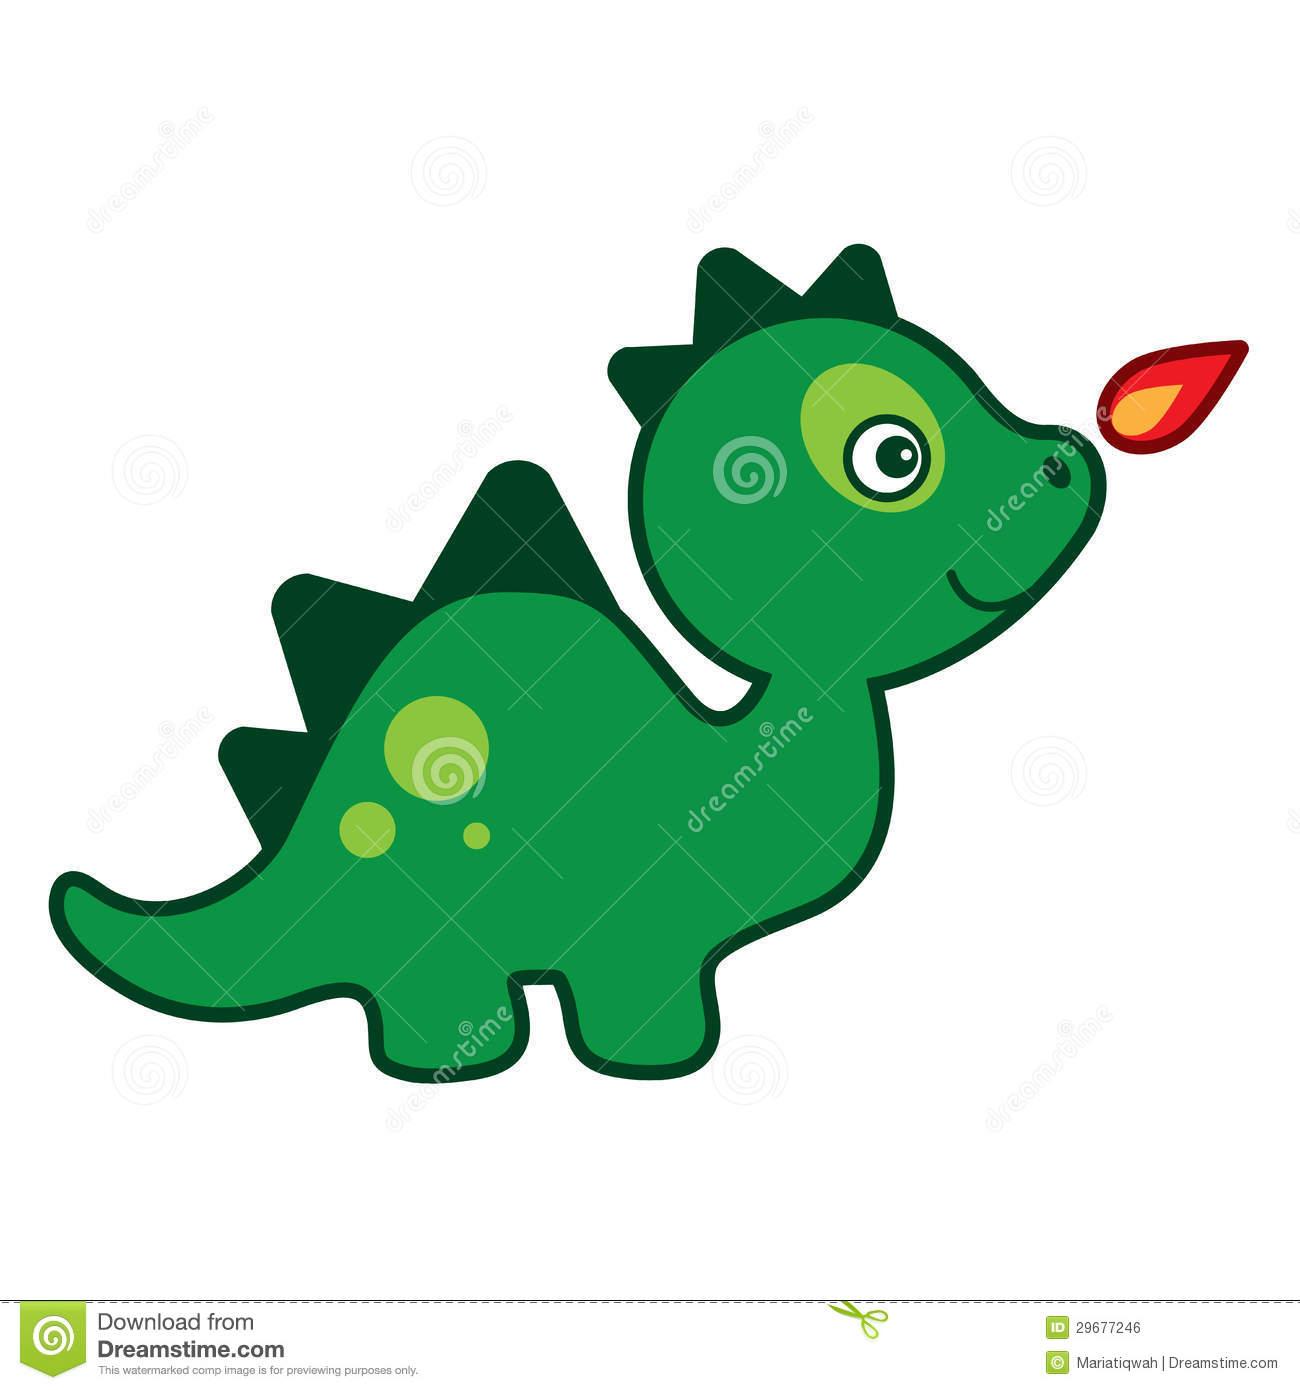 表情 色小恐龙表情 卡通小恐龙简笔画 粉色小恐龙表情 可爱小恐龙桌面